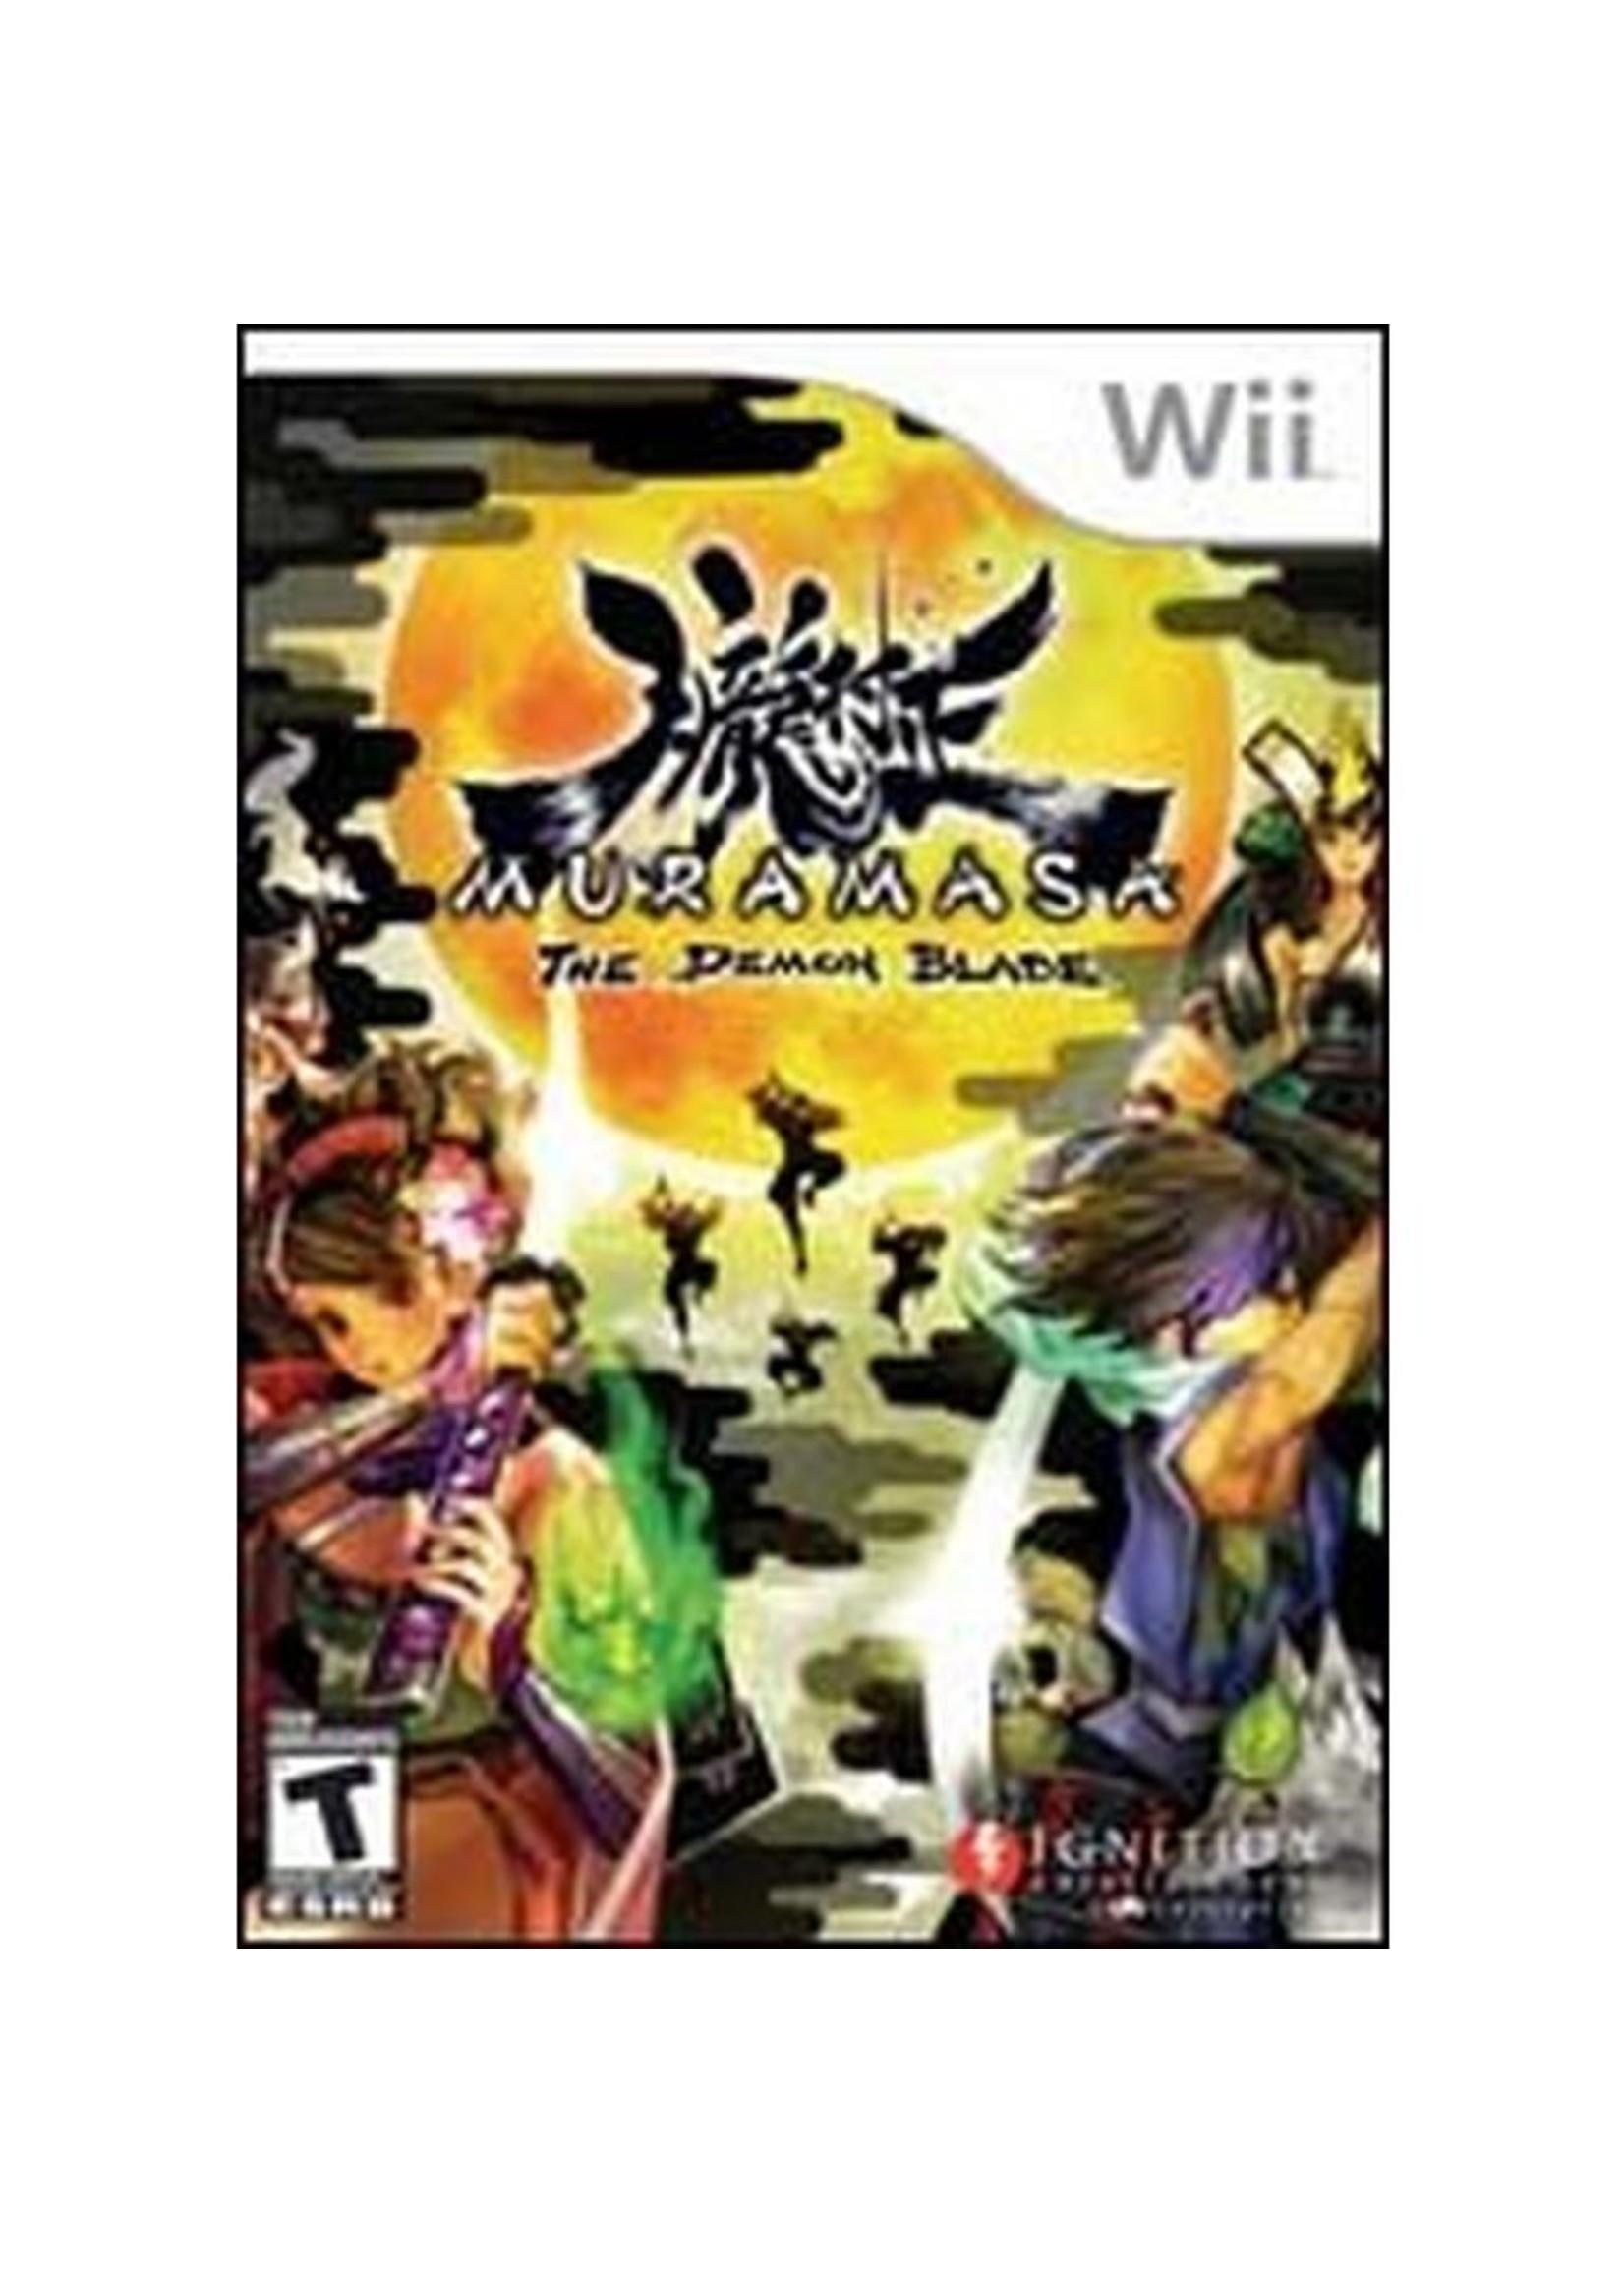 Muramasa: The Dream Blade - Wii PrePlayed